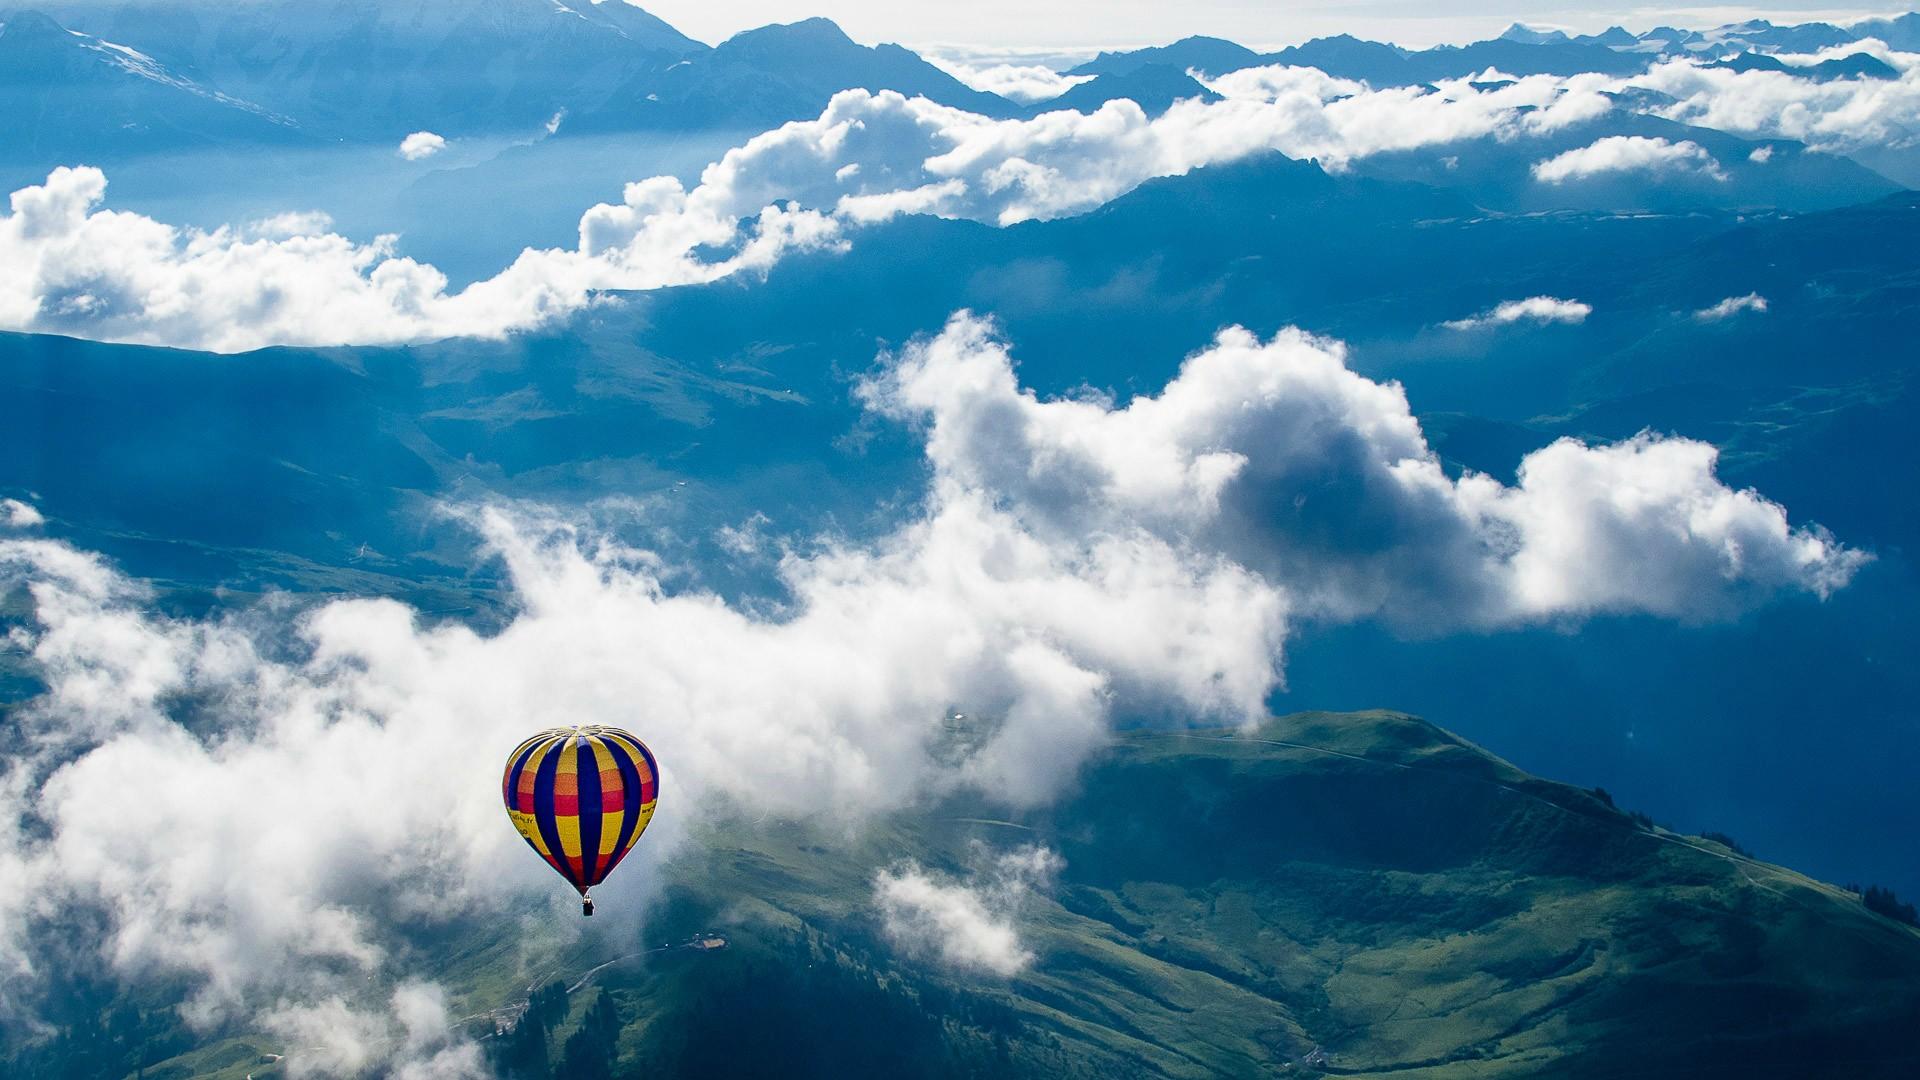 Воздухоплаватели облака небо горы воздушный шар